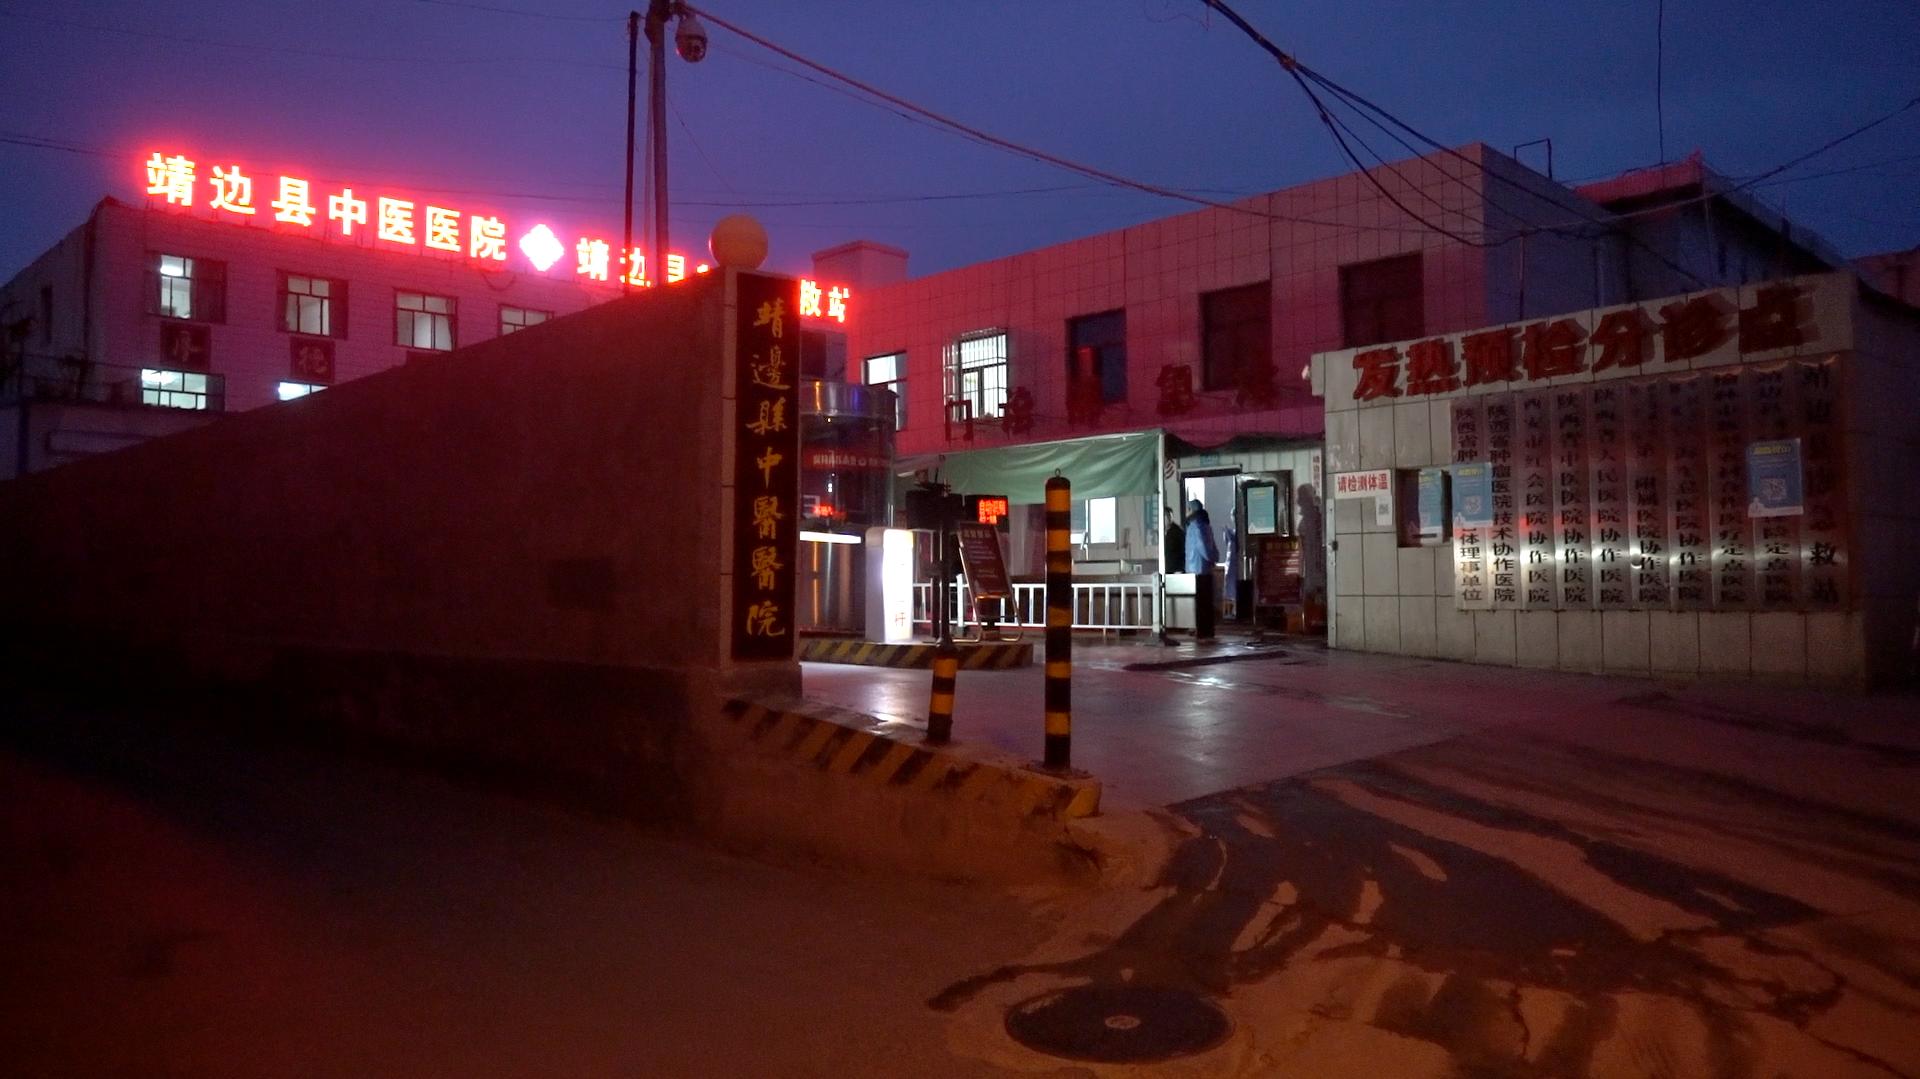 """探访陕西被""""活埋""""母亲住所 邻居称其儿子总是低头走路"""